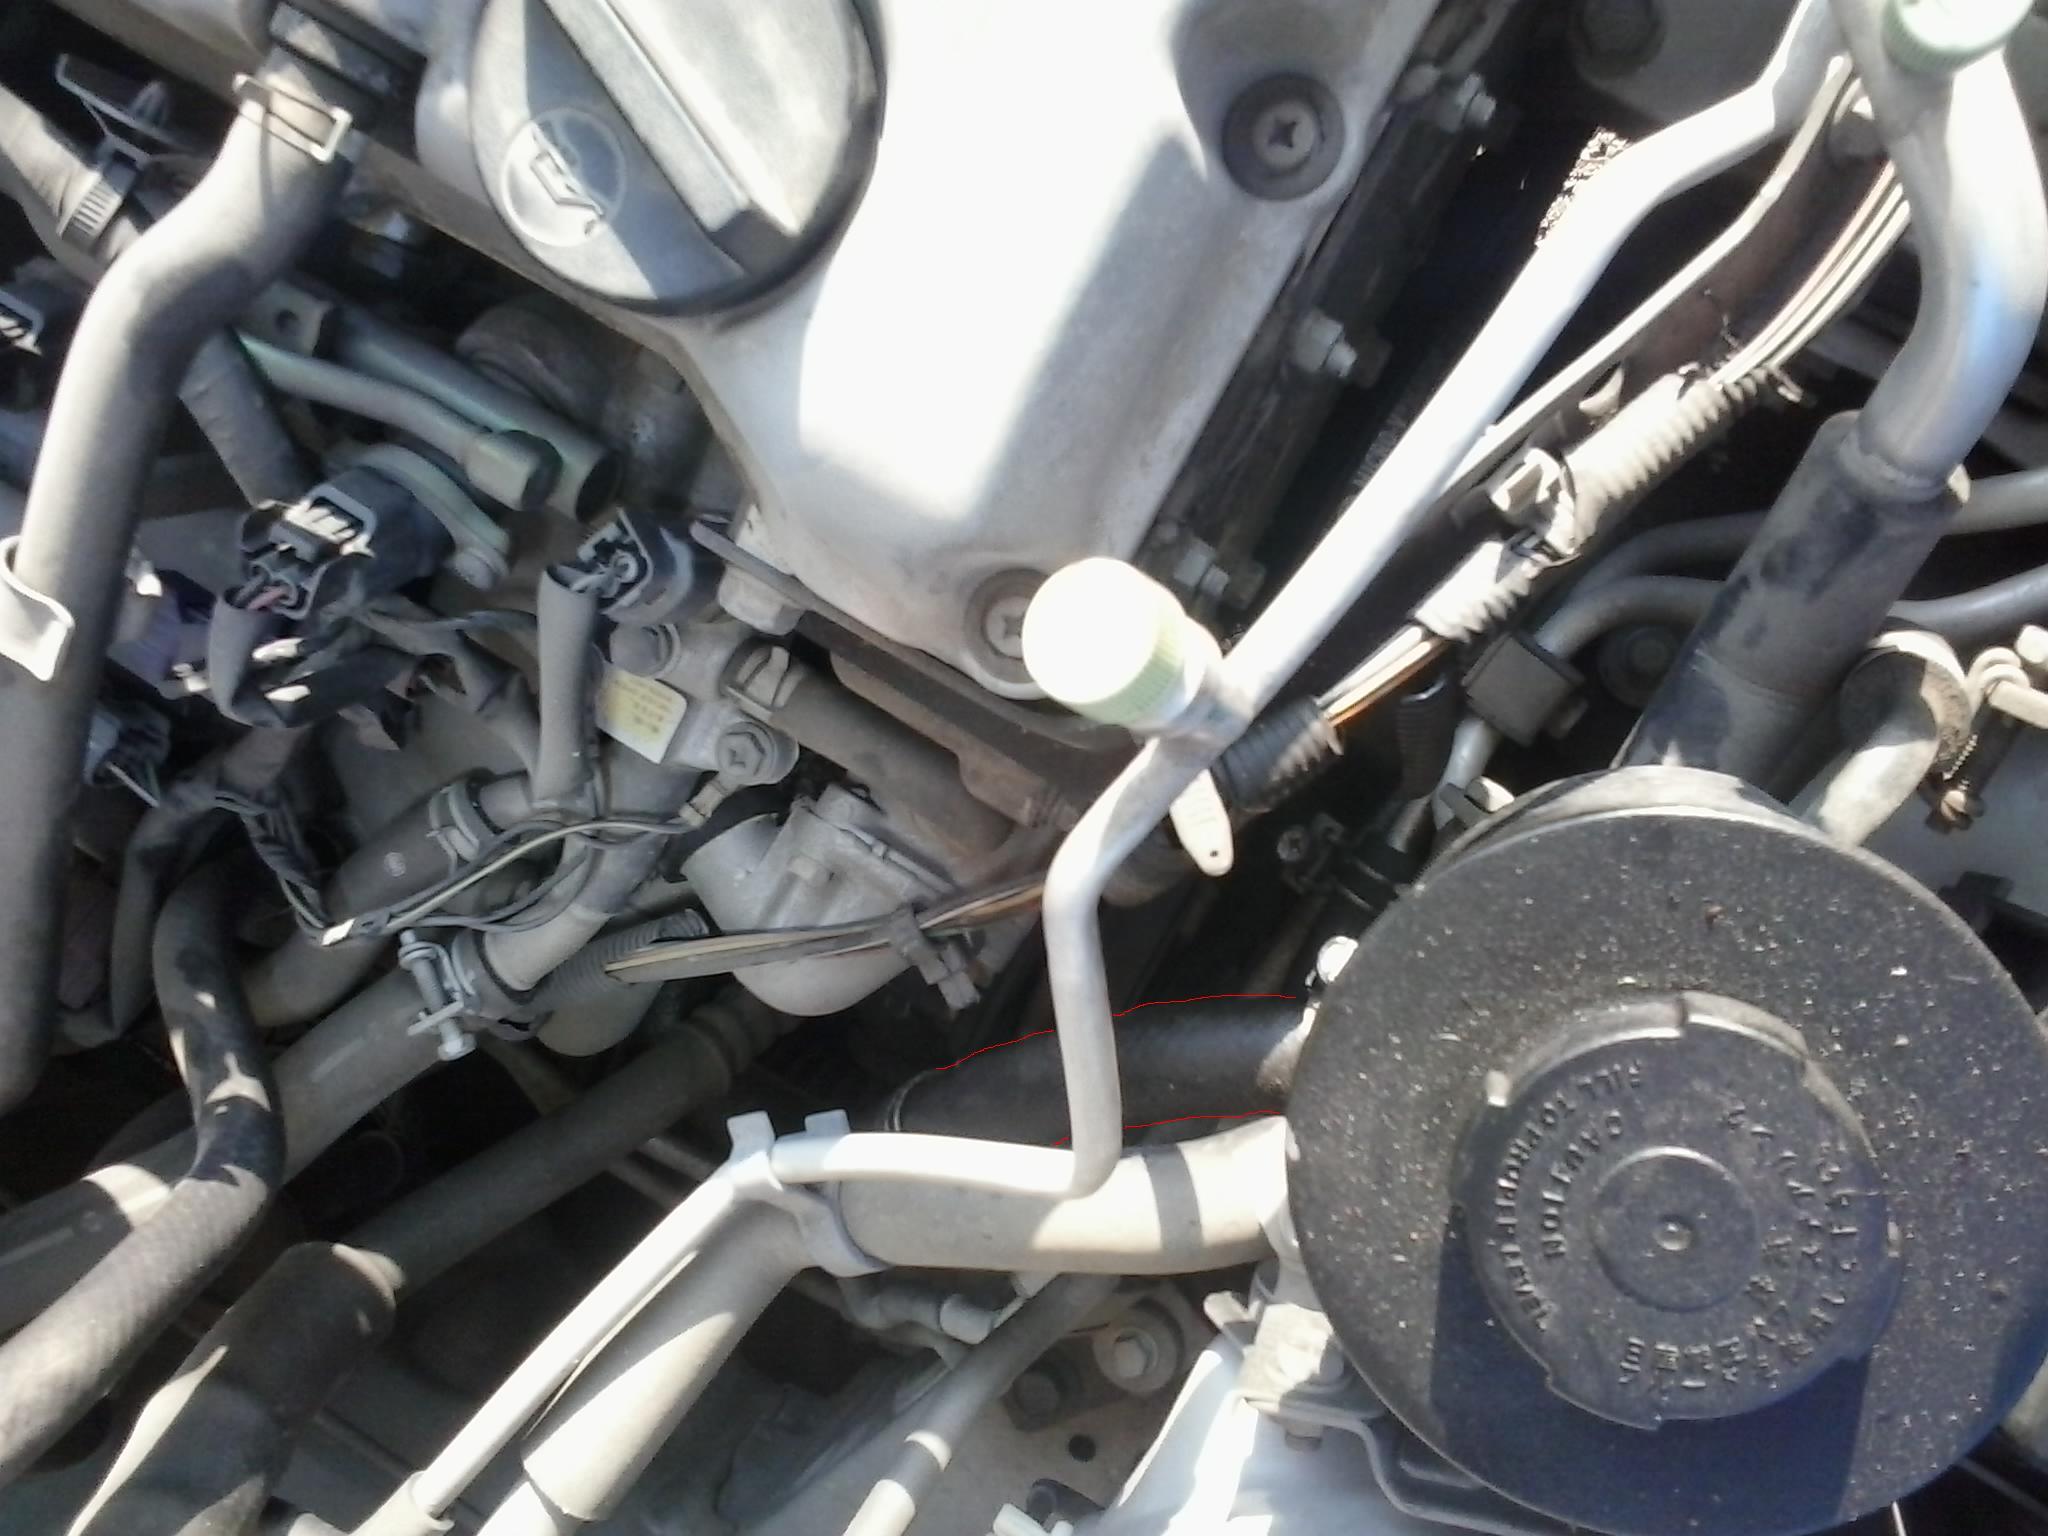 Fluid Leak Near The Power Steering Pump